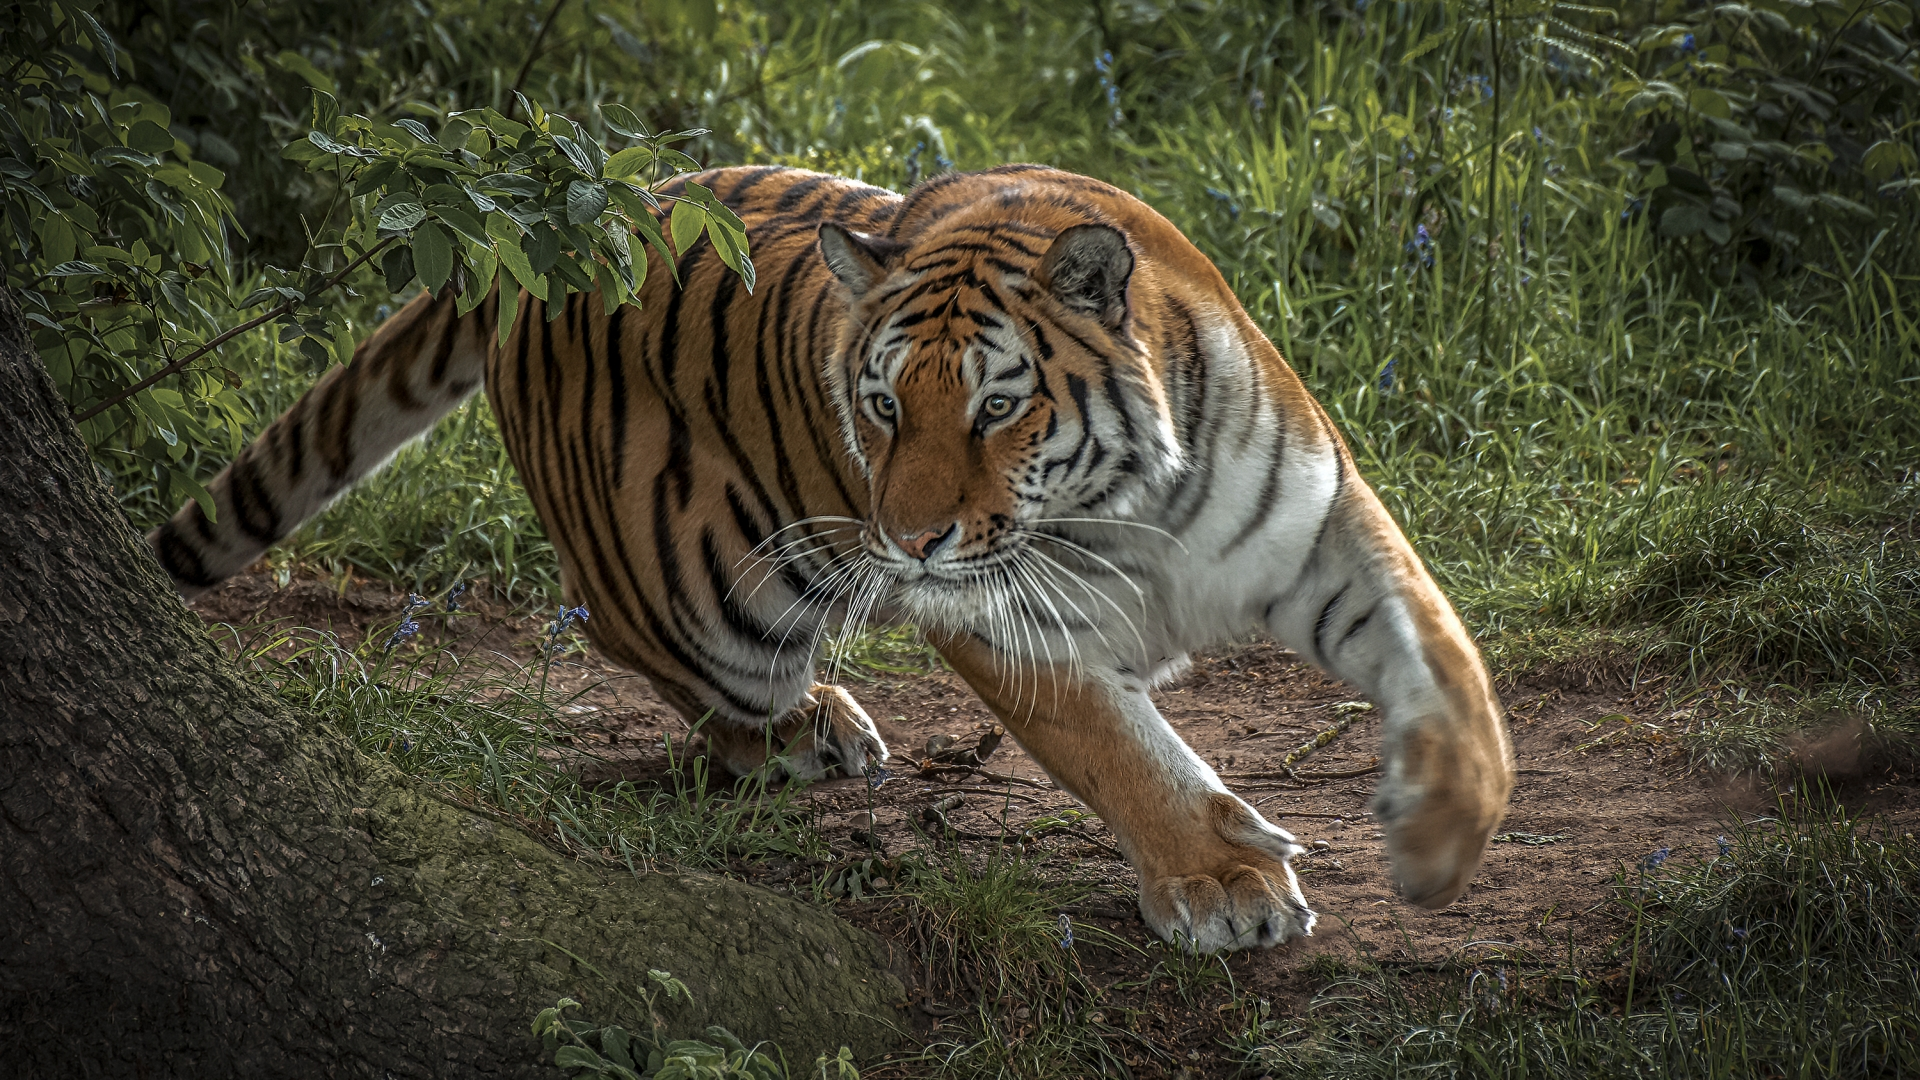 Tigre corriendo - 1920x1080